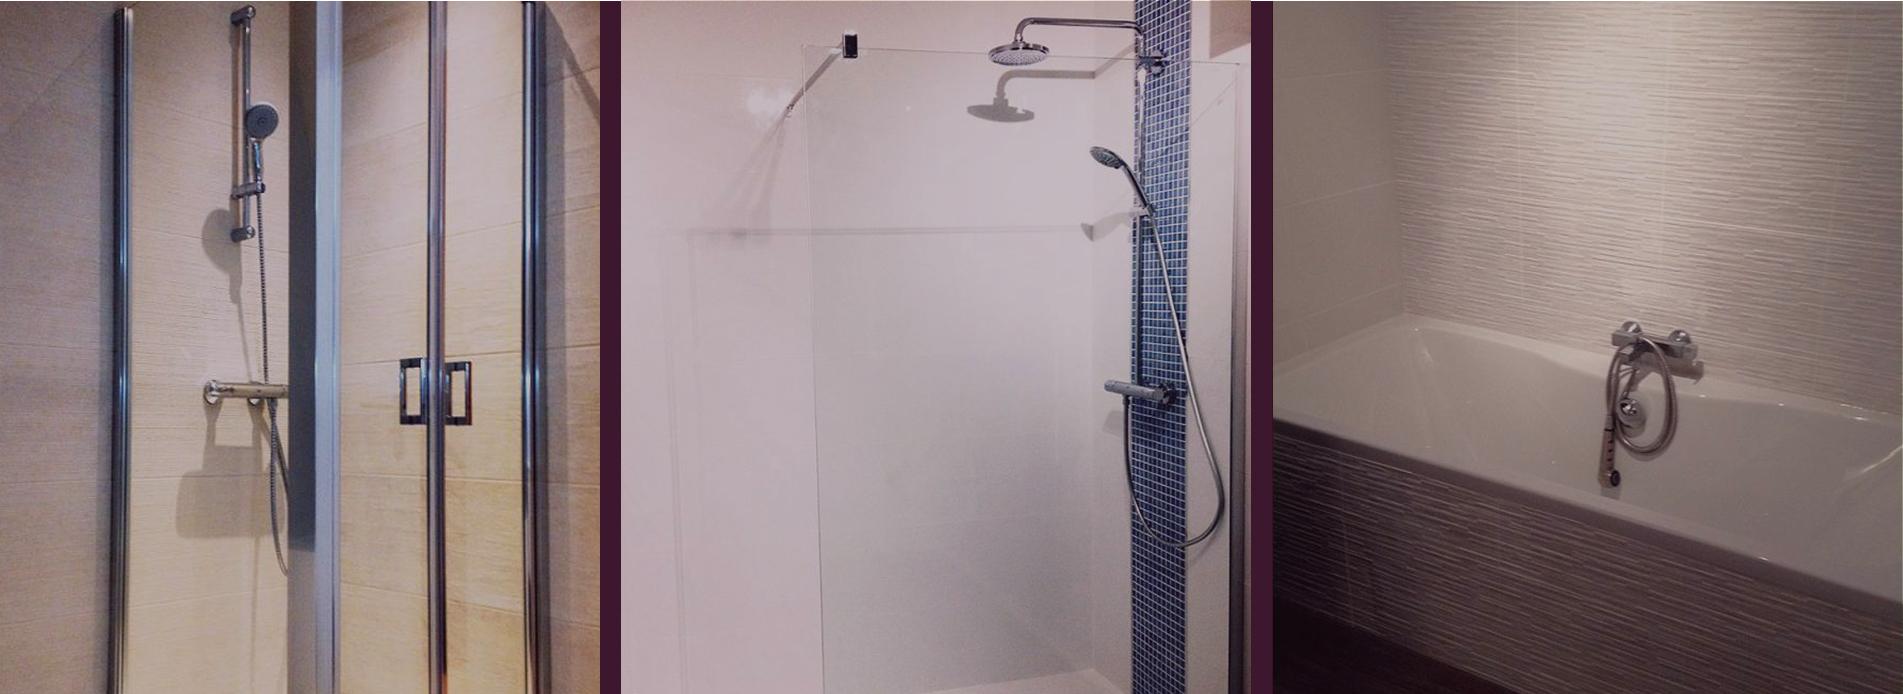 Acd energie une entreprise de plomberie chauffage et - Entreprise salle de bain ...